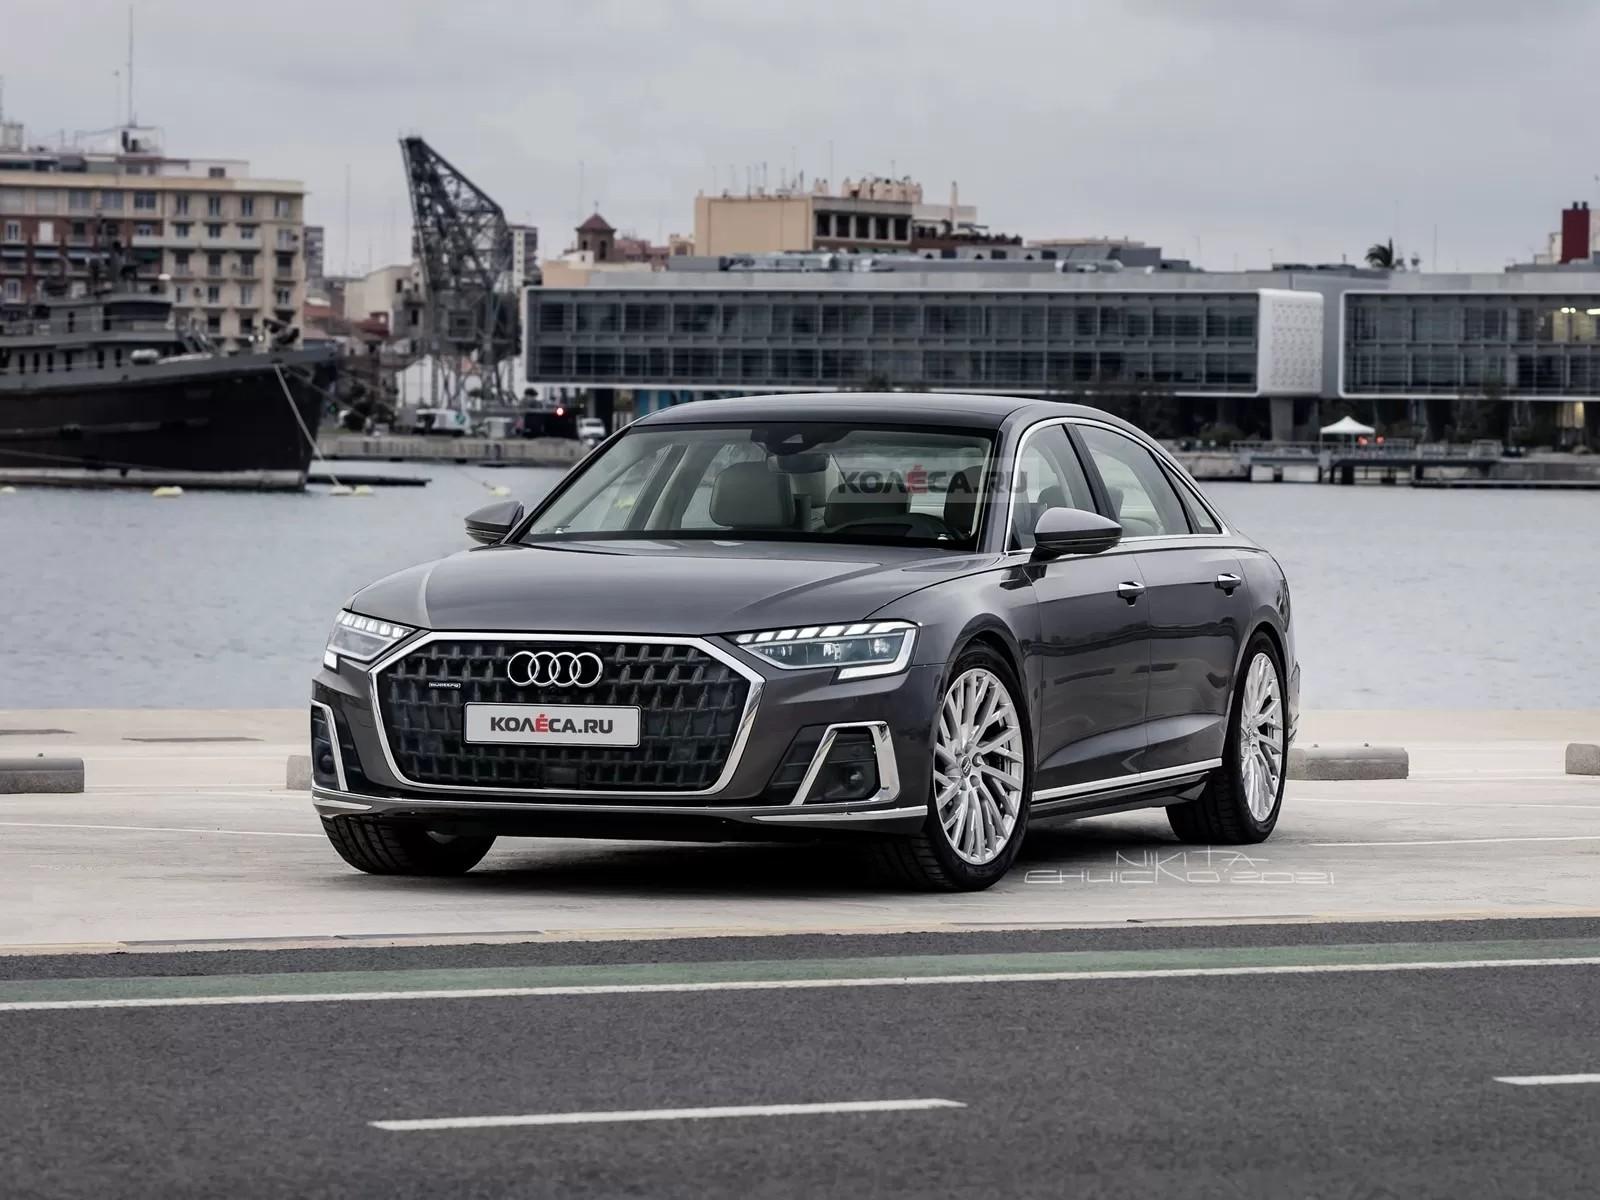 Обновлённый Audi A8 получит версию XL (она же Horch) и поборется с Mercedes-Maybach